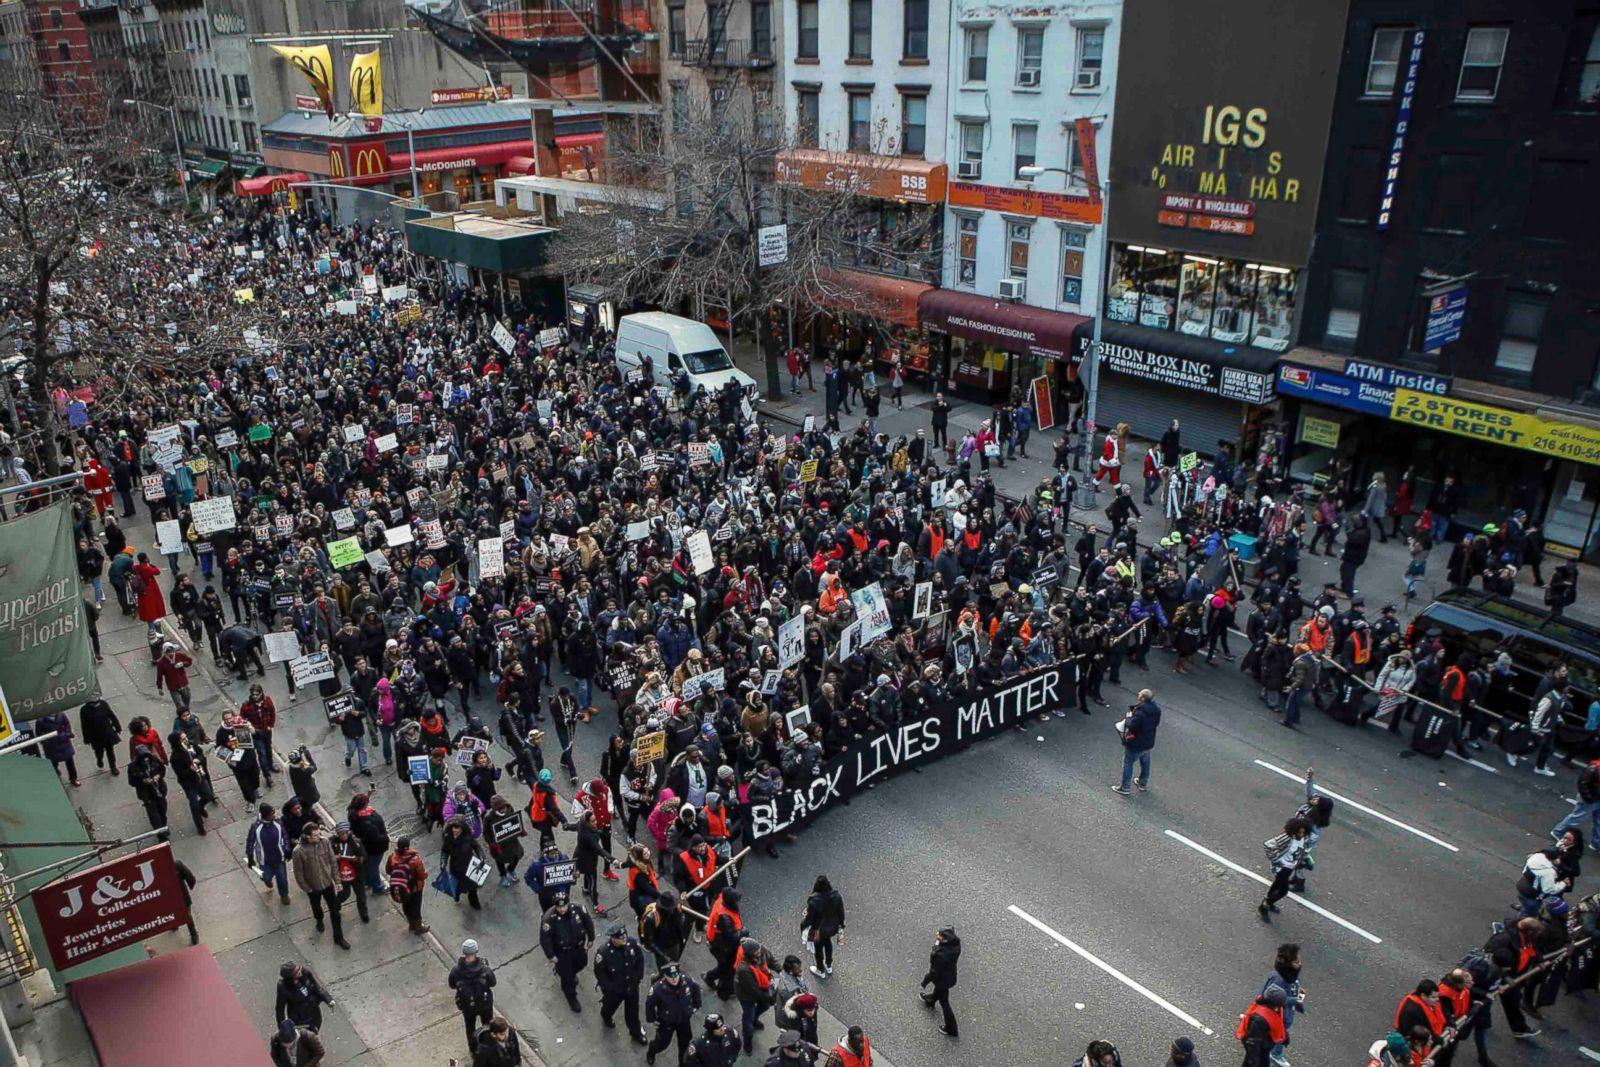 La Marcha Nacional contra la Violencia Policial, organizada por la Red de Acción Nacional, el 13 de diciembre de 2014, en Nueva York. La marcha coincidió con una marcha en Washington, D.C., después de que dos grandes jurados decidieran no acusar a oficiales de policía blancos por la muerte de hombres afroamericanos desarmados a manos de la policía. Fotografía: Kena Betancur/Getty Images